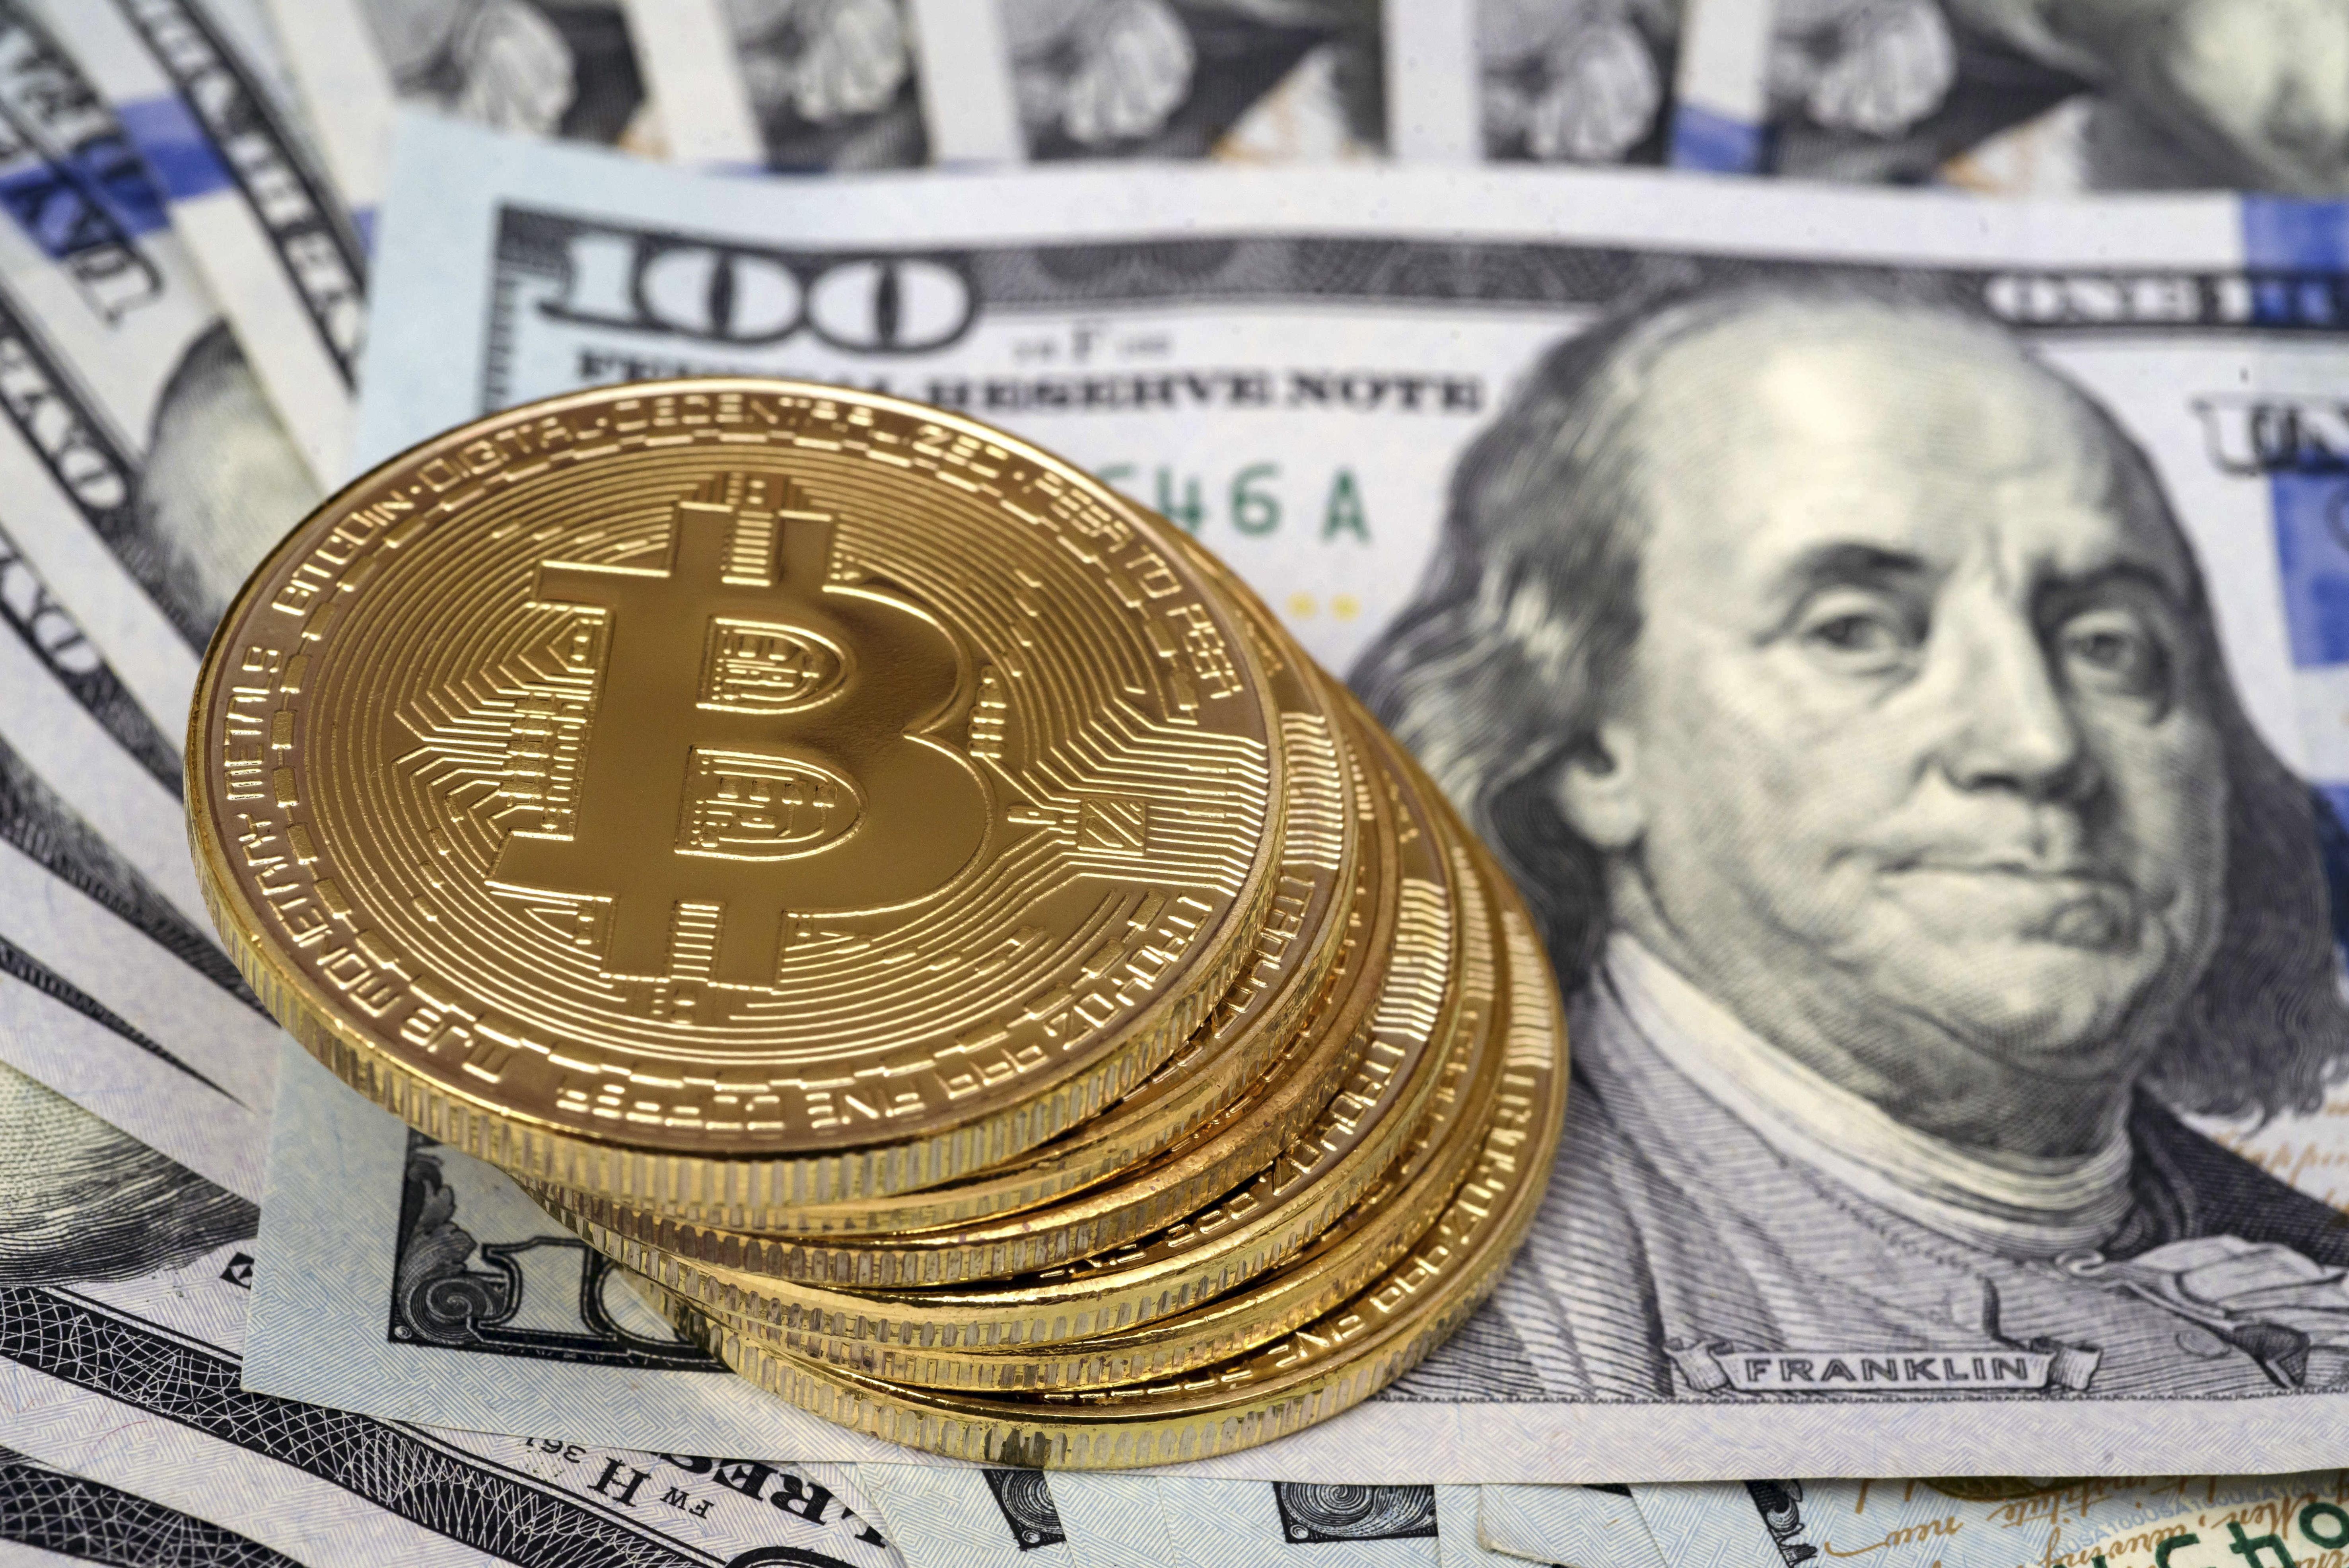 Les banques centrales doivent-elles craindre les cryptomonnaies ?